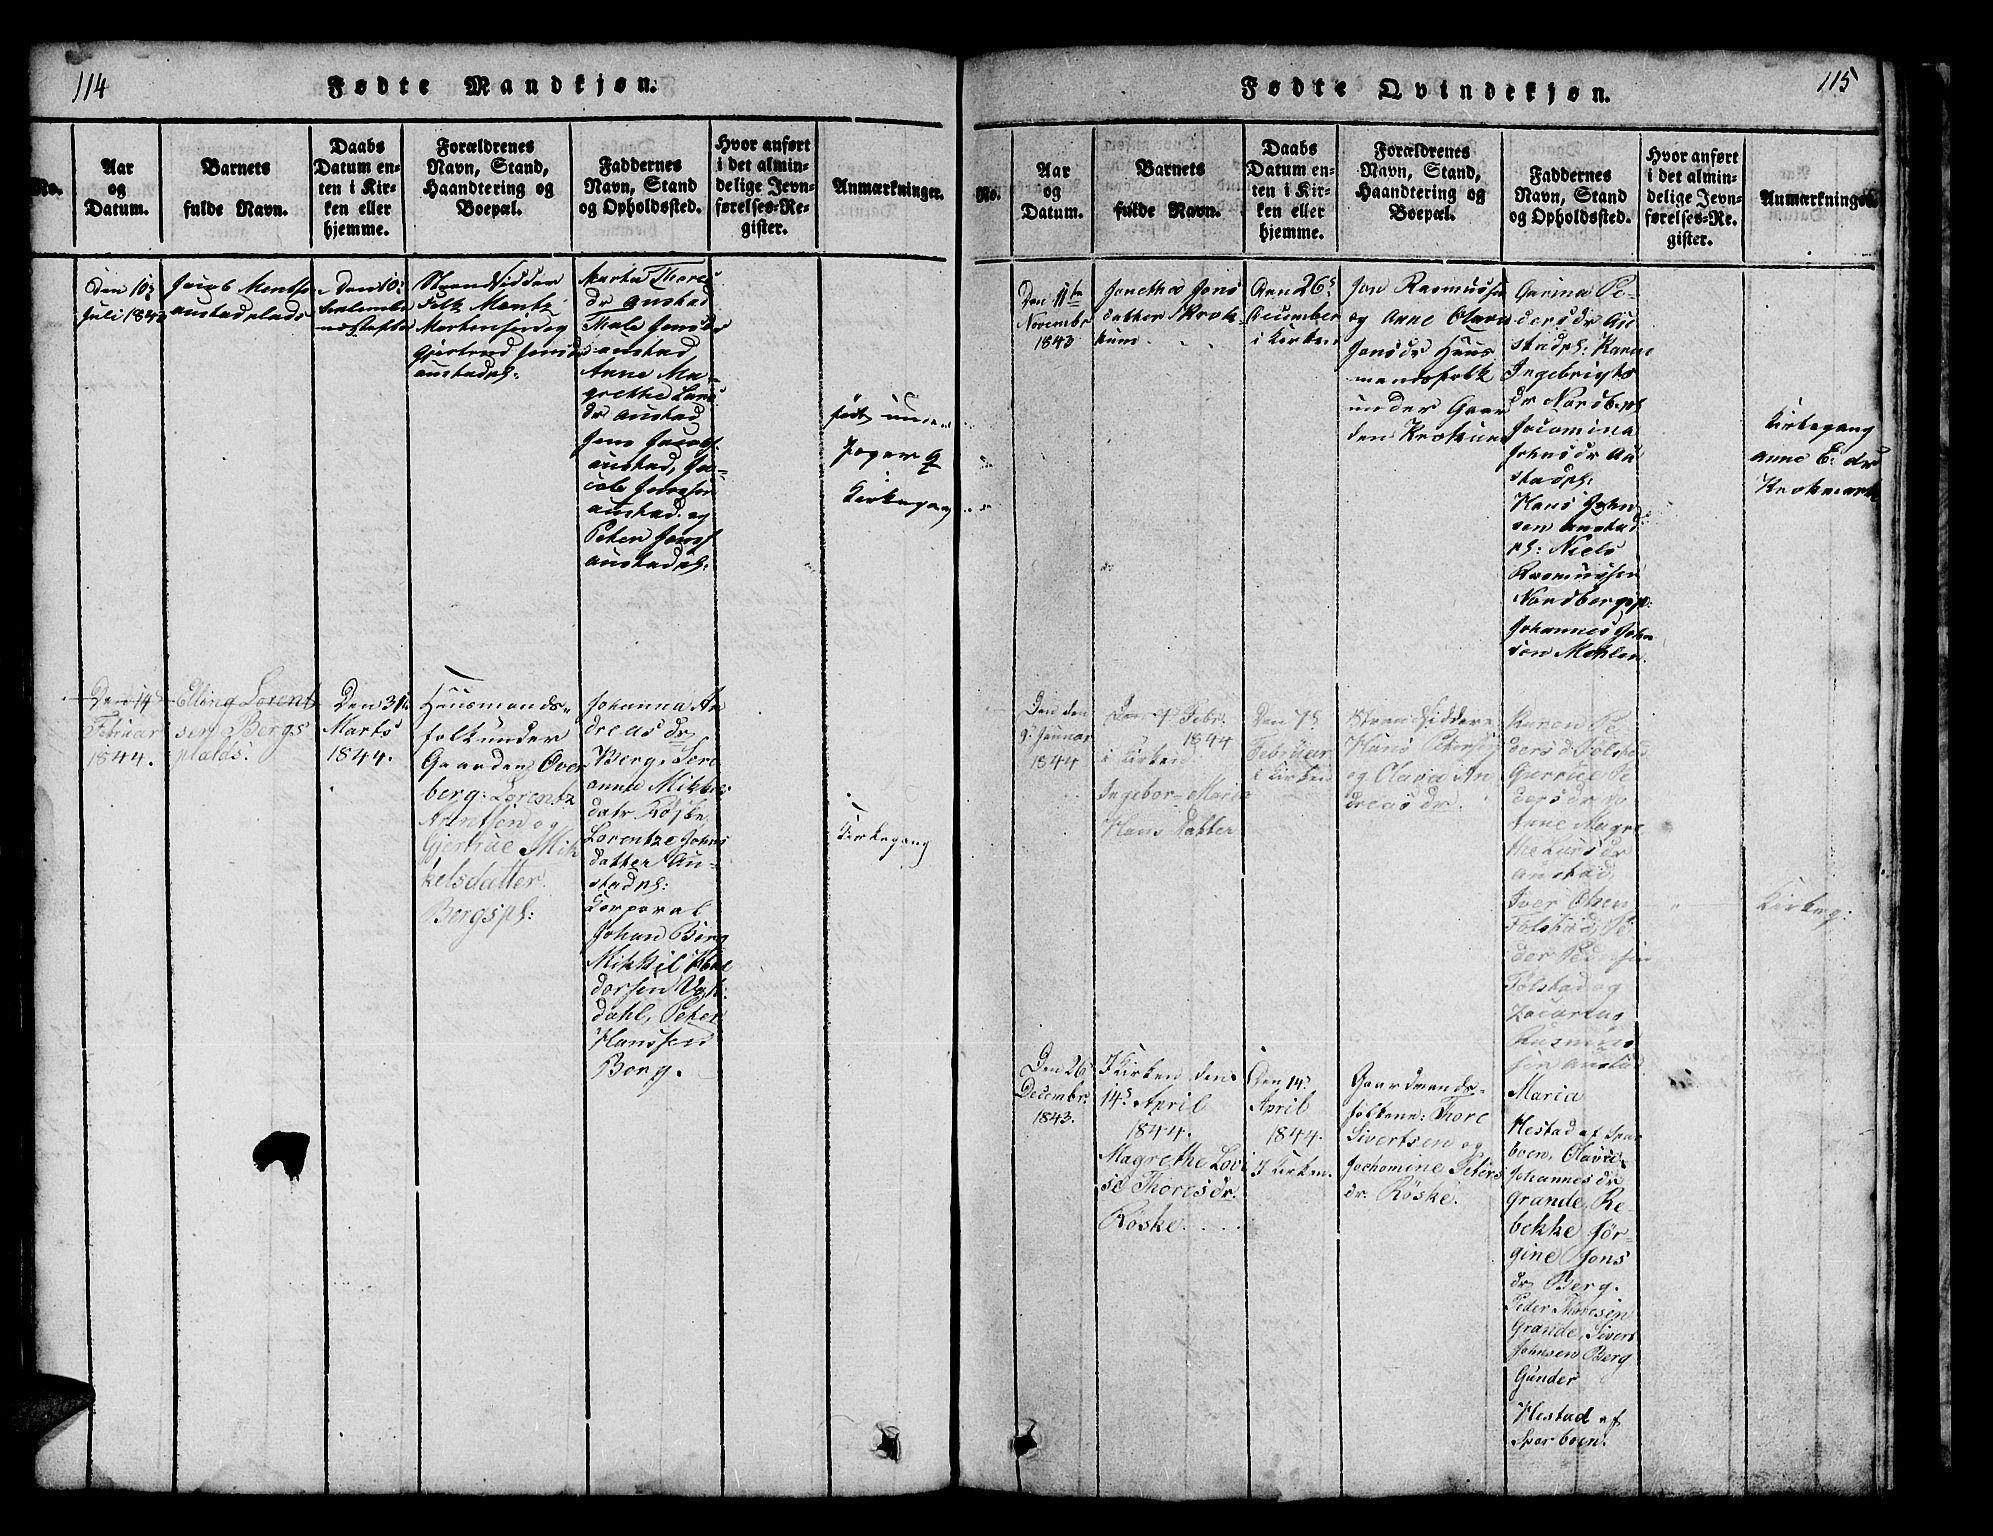 SAT, Ministerialprotokoller, klokkerbøker og fødselsregistre - Nord-Trøndelag, 731/L0310: Klokkerbok nr. 731C01, 1816-1874, s. 114-115